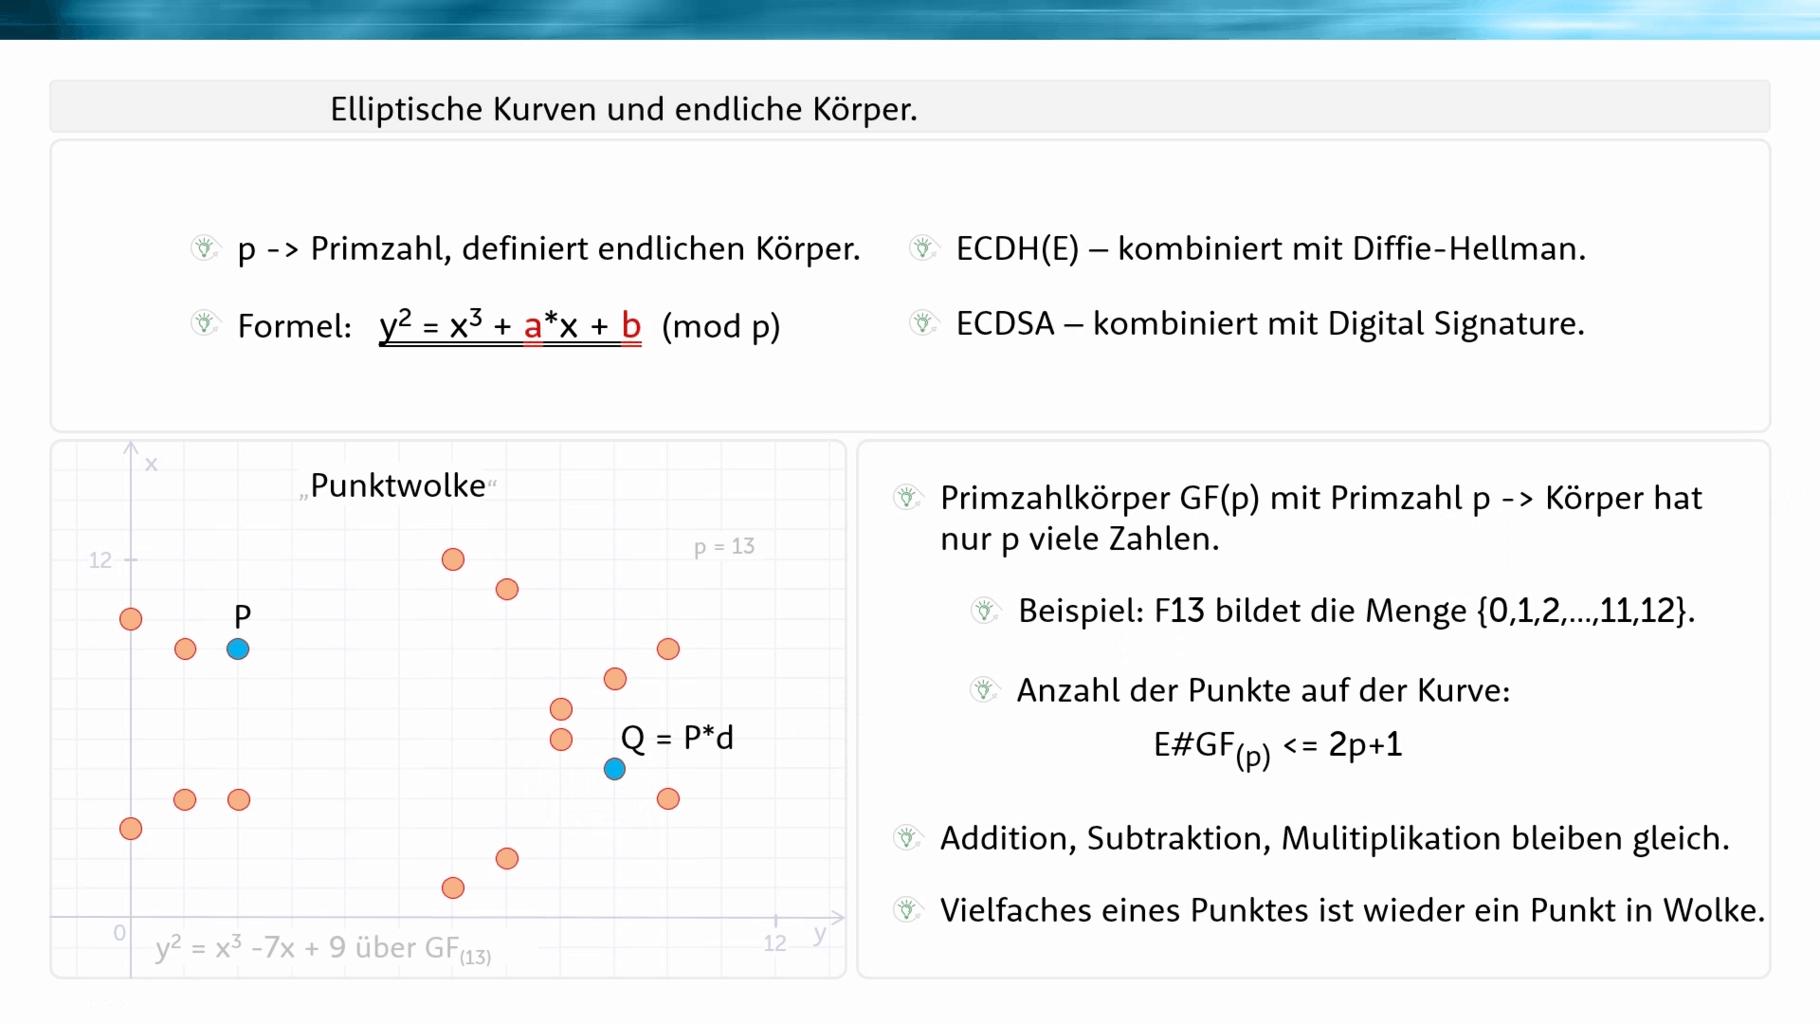 Elliptische Kurven und endliche Körper Formeln